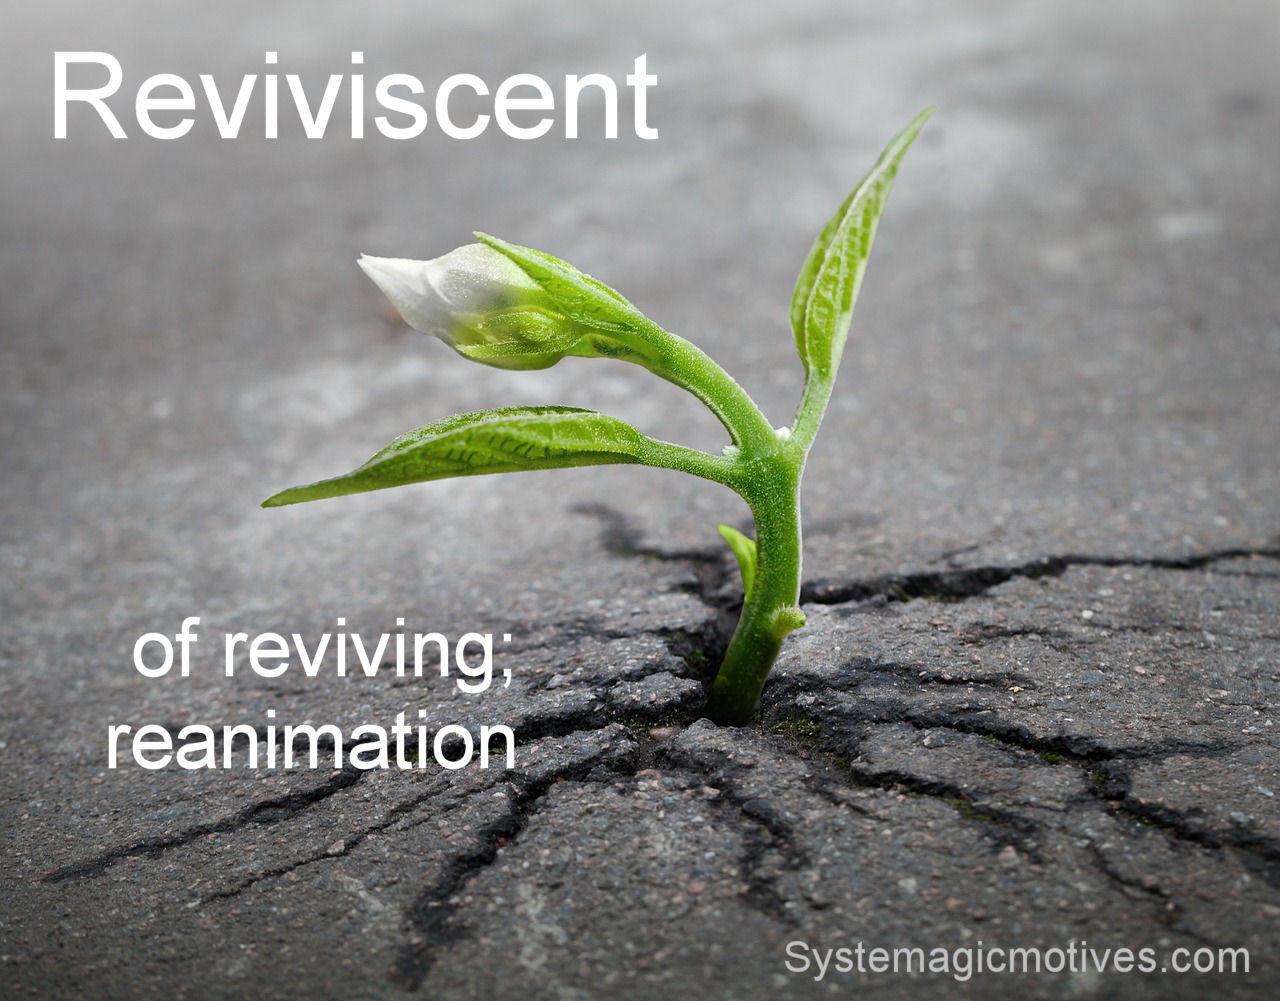 reviviscent